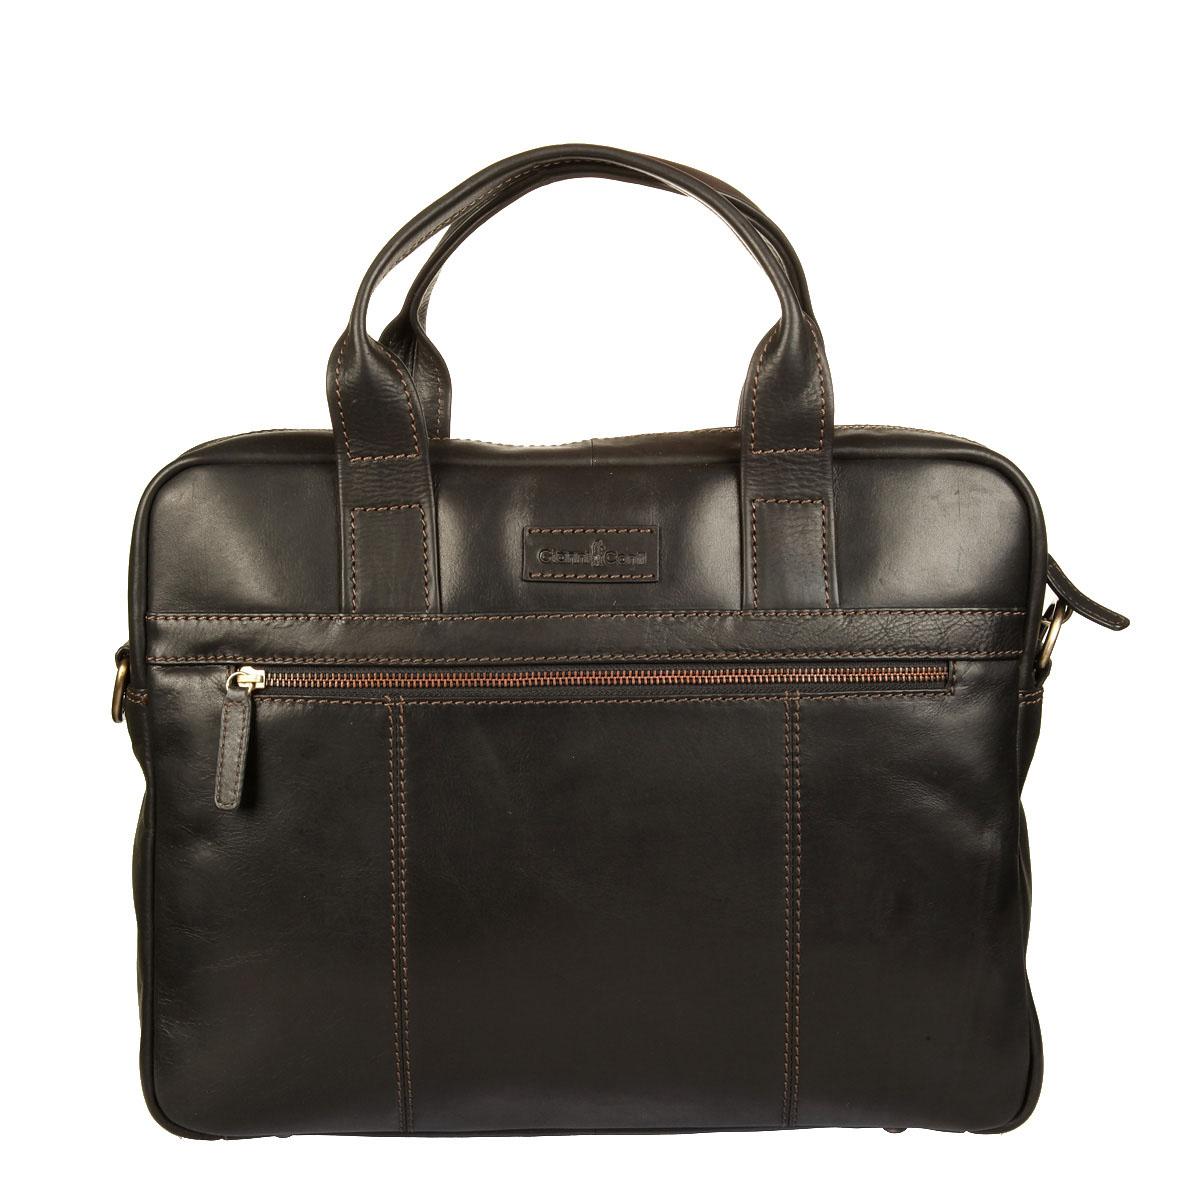 Бизнес-сумка мужская Gianni Conti, цвет: черный. 12212661221266 blackМужская бизнес-сумка Gianni Conti выполнена из натуральной кожи и закрывается на металлическую застежку-молнию. Сумка состоит из одного вместительного отделения, внутри которого имеется прорезной карман на застежке-молнии, два накладных открытых кармана и мягкий карман для ноутбука. Снаружи, на передней стенке располагается накладной карман на застежке-молнии, на задней стенке - прорезной карман на застежке-молнии. Модель оснащена двумя ручками для переноски в руках. В комплект входит съемный плечевой ремень, регулируемый по длине. Изделие упаковано в фирменный текстильный чехол для хранения. Этот стильный аксессуар станет изысканным дополнением к вашему образу и отличным подарком!